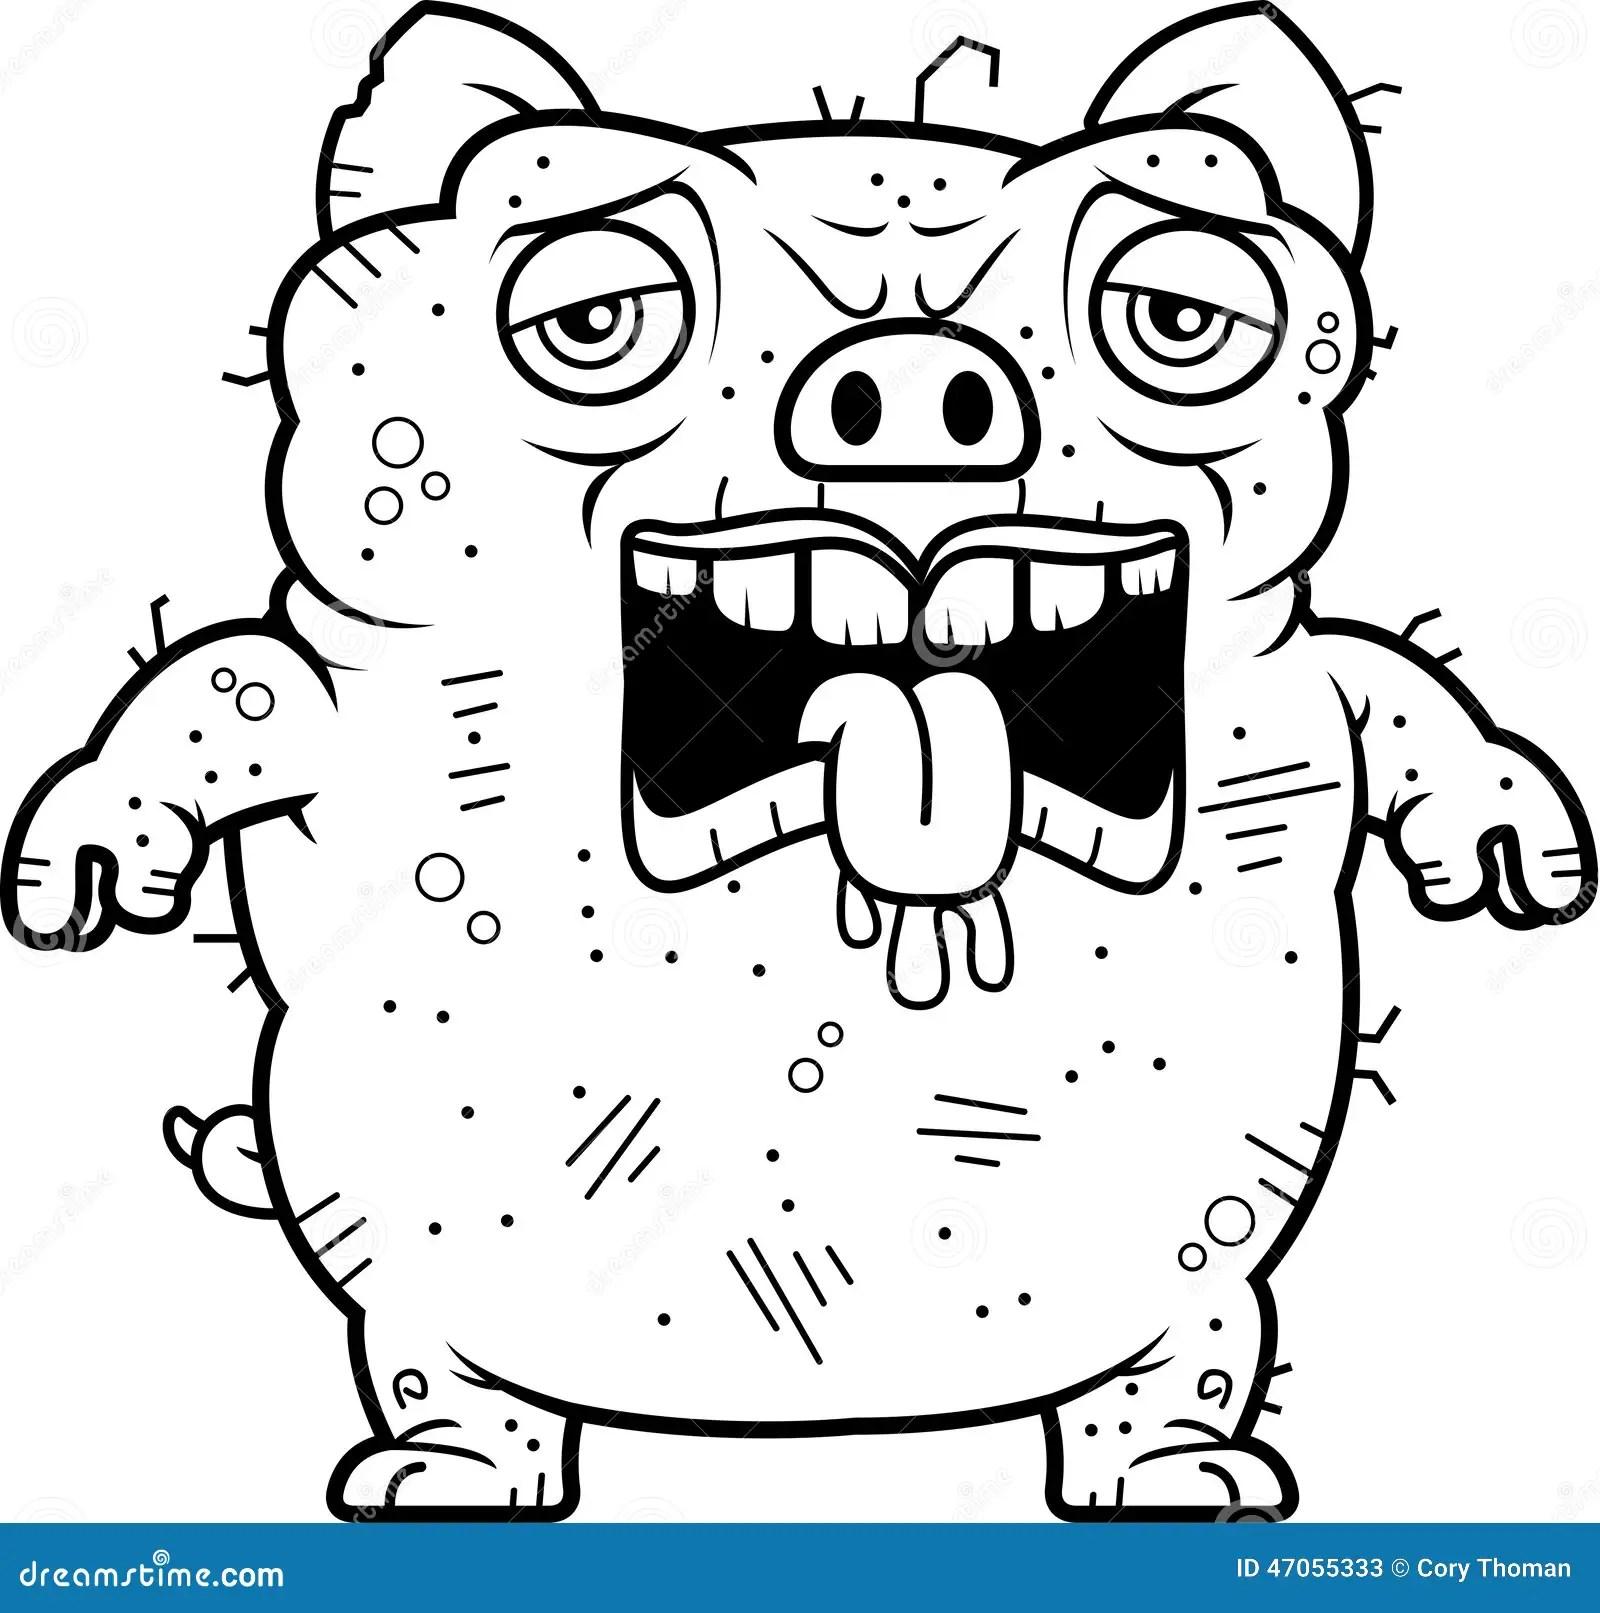 A Fat Pig